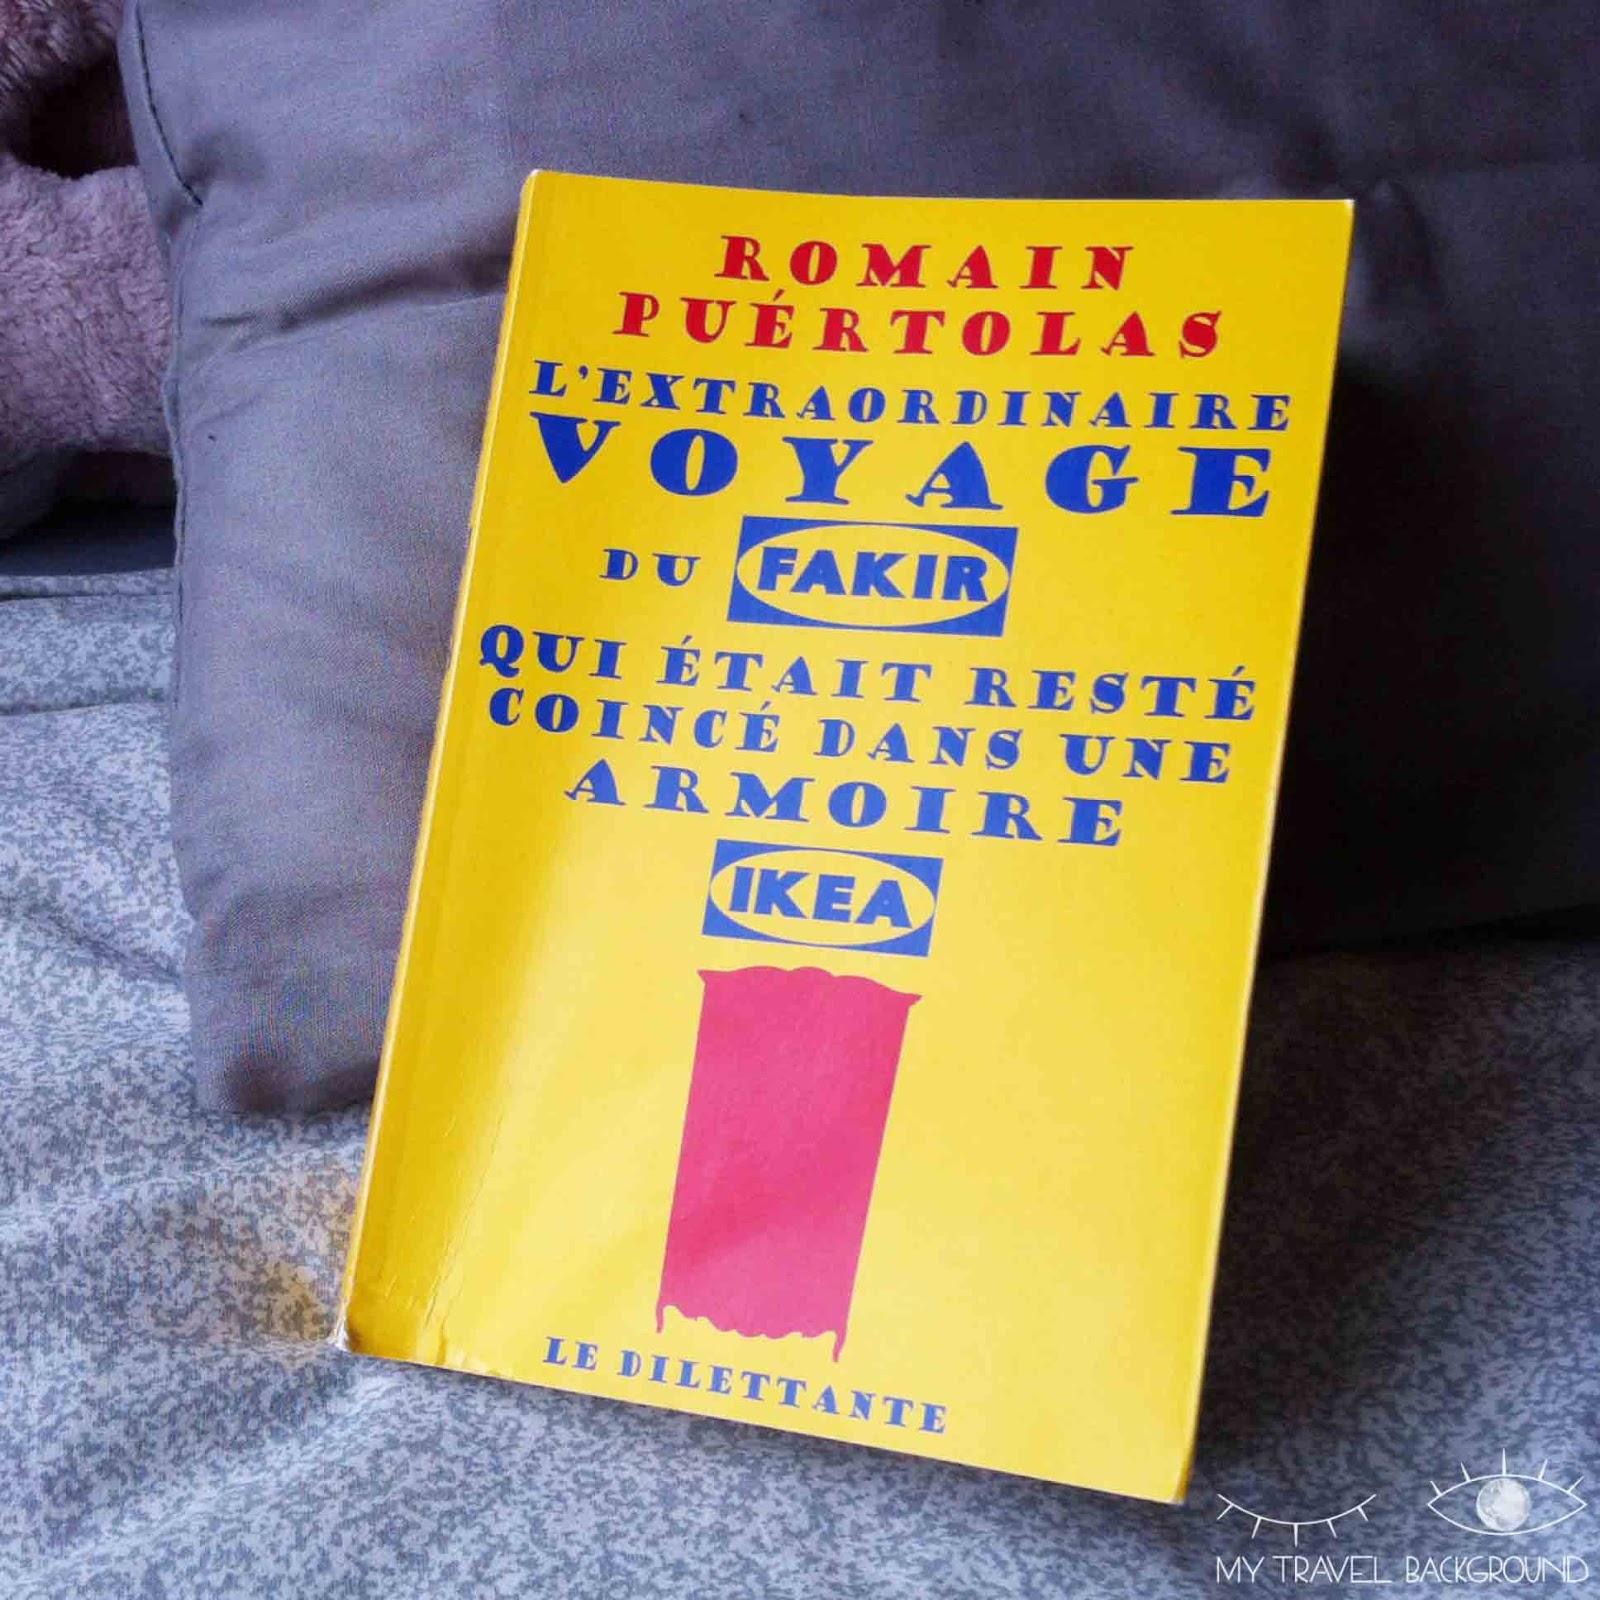 My Travel Background : 9 romans qui vont vous faire voyager, L'extraordinaire voyage du fakir qui était resté coincé dans une armoire Ikea, Romain Puertolas